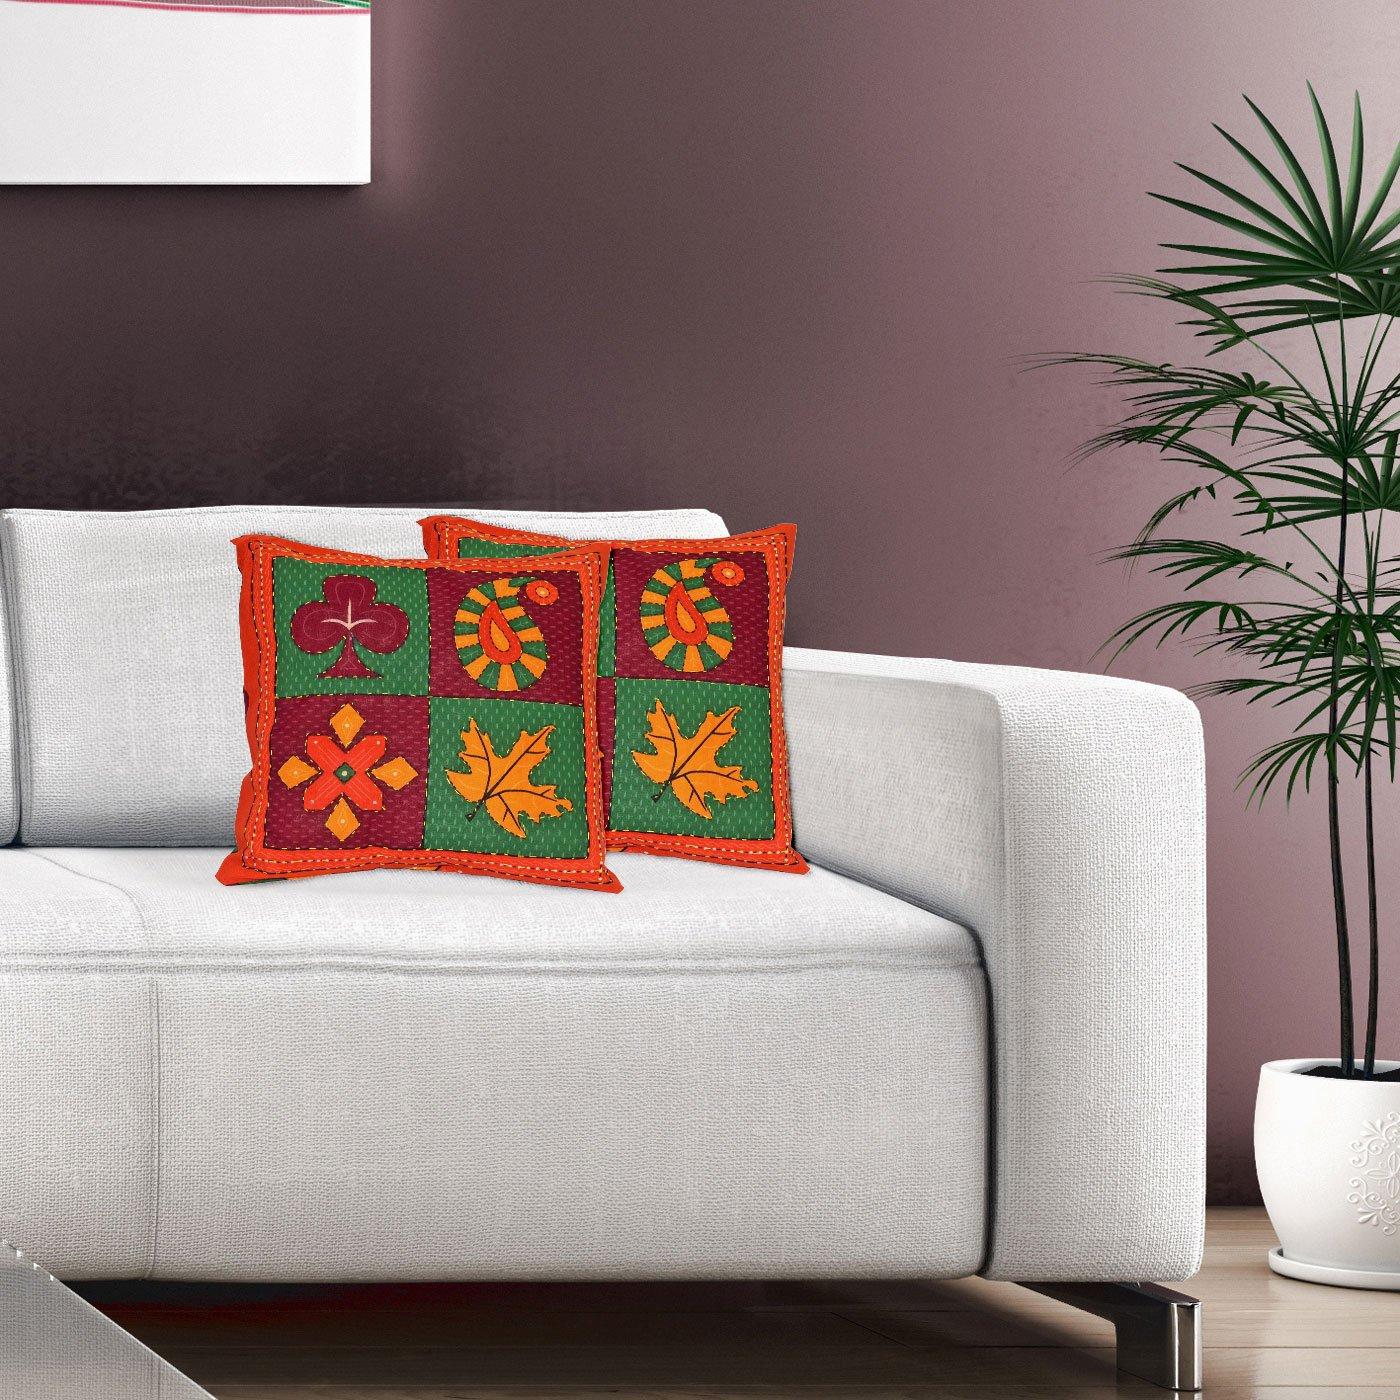 2のセットホームデコレーションスロー枕クッションカバー16 x 16インチ( 45 x 45 cms ) - Perfect forベッドSofas 100 %ピュアコットンクリスマスギフト 16 inches x 16 inches cushion cover025  マルチ3 B01N3YUWR4